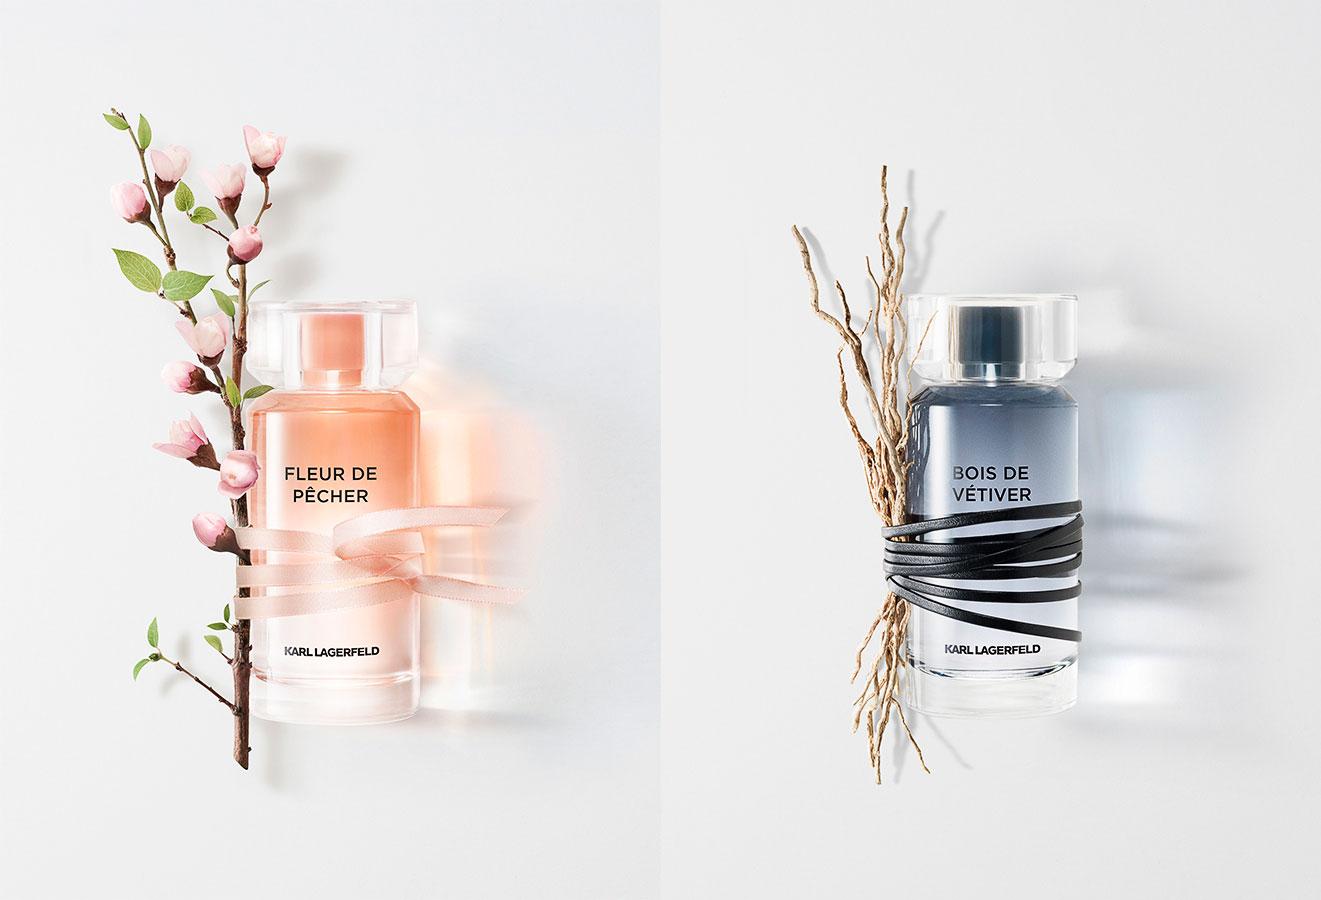 Parfums Fleur de pecher pour femme et bois de vetiver pour homme by Karl Lagerfeld